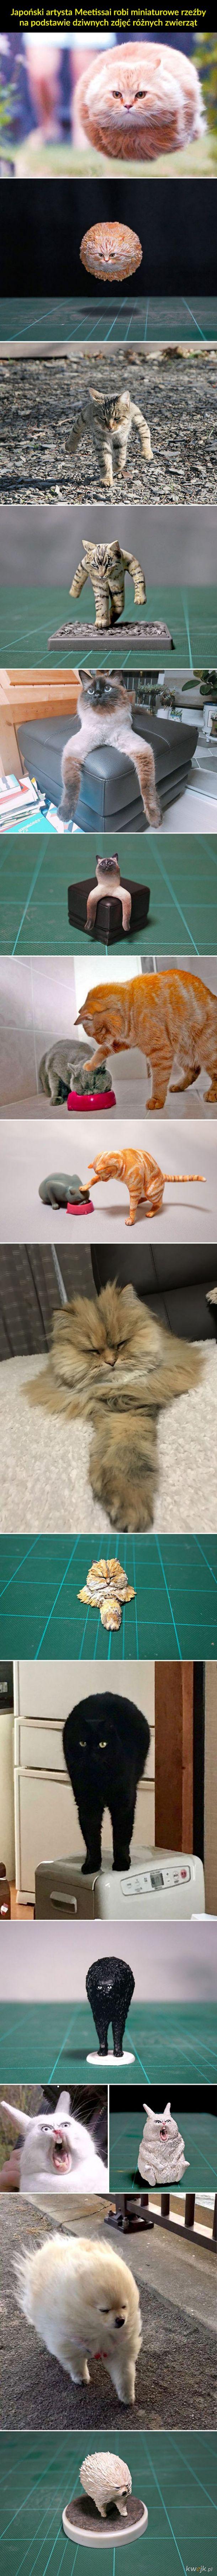 Rzeźby z dziwnych zdjeć zwierząt